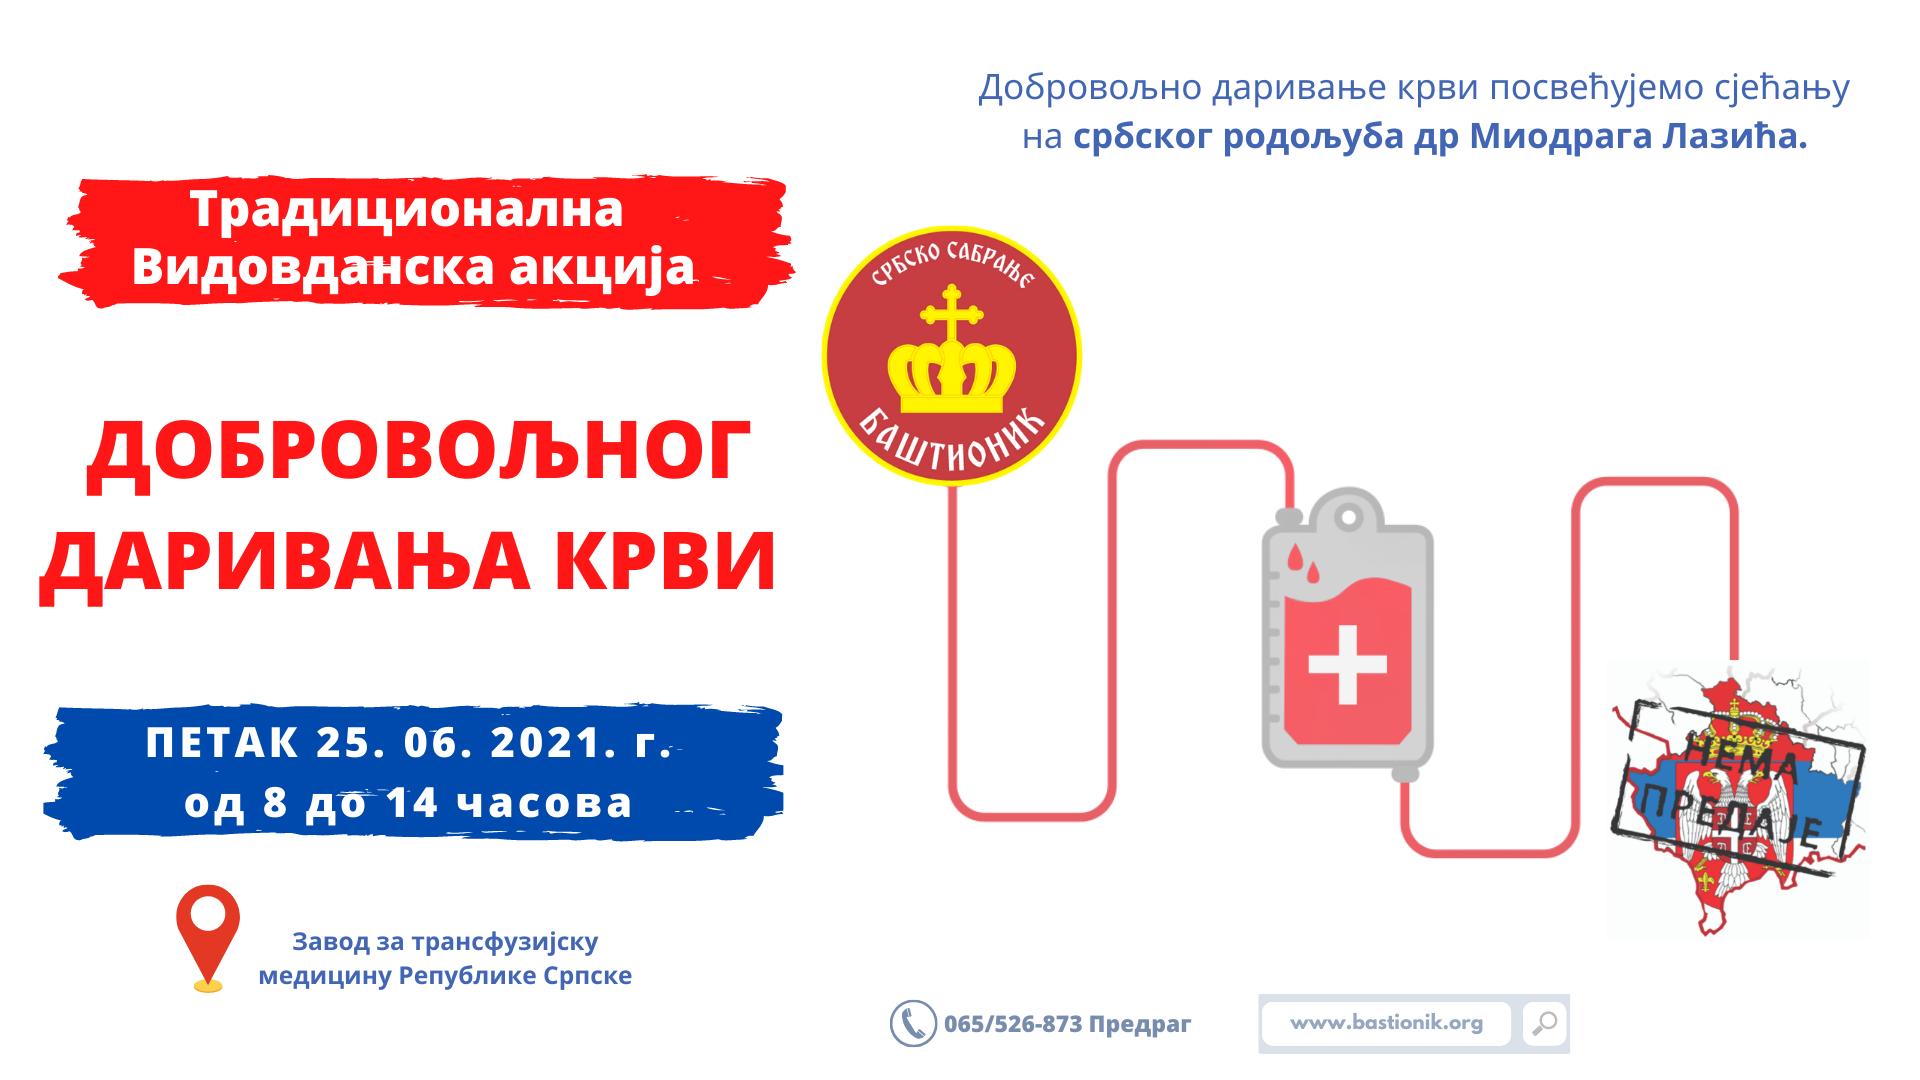 Акција добровољног даривања крви